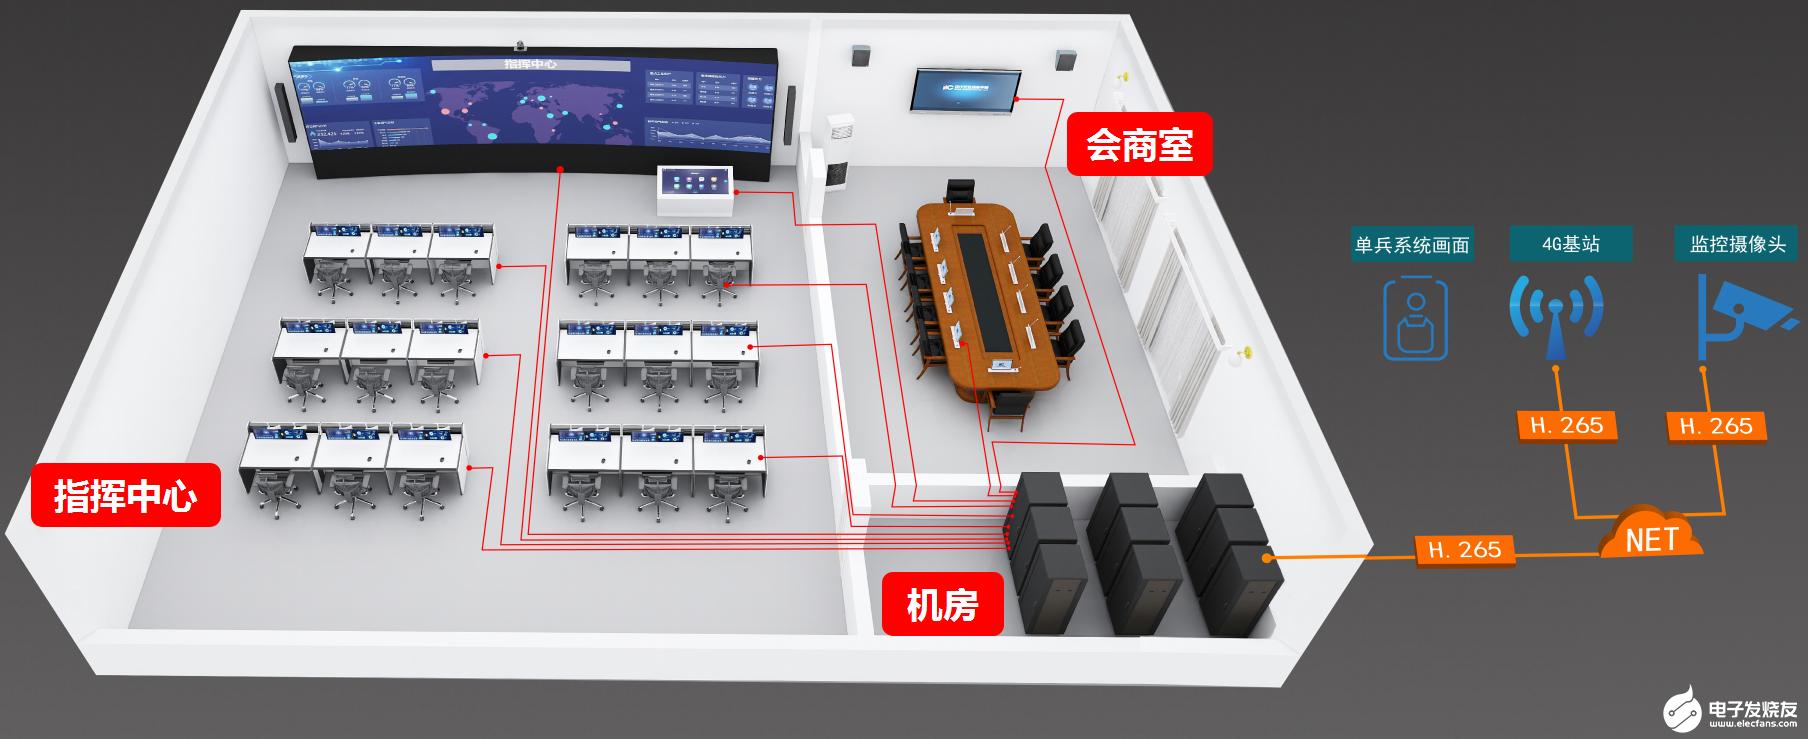 保伦电子itc分布式综合管理平台高效引领指挥中心智慧管控